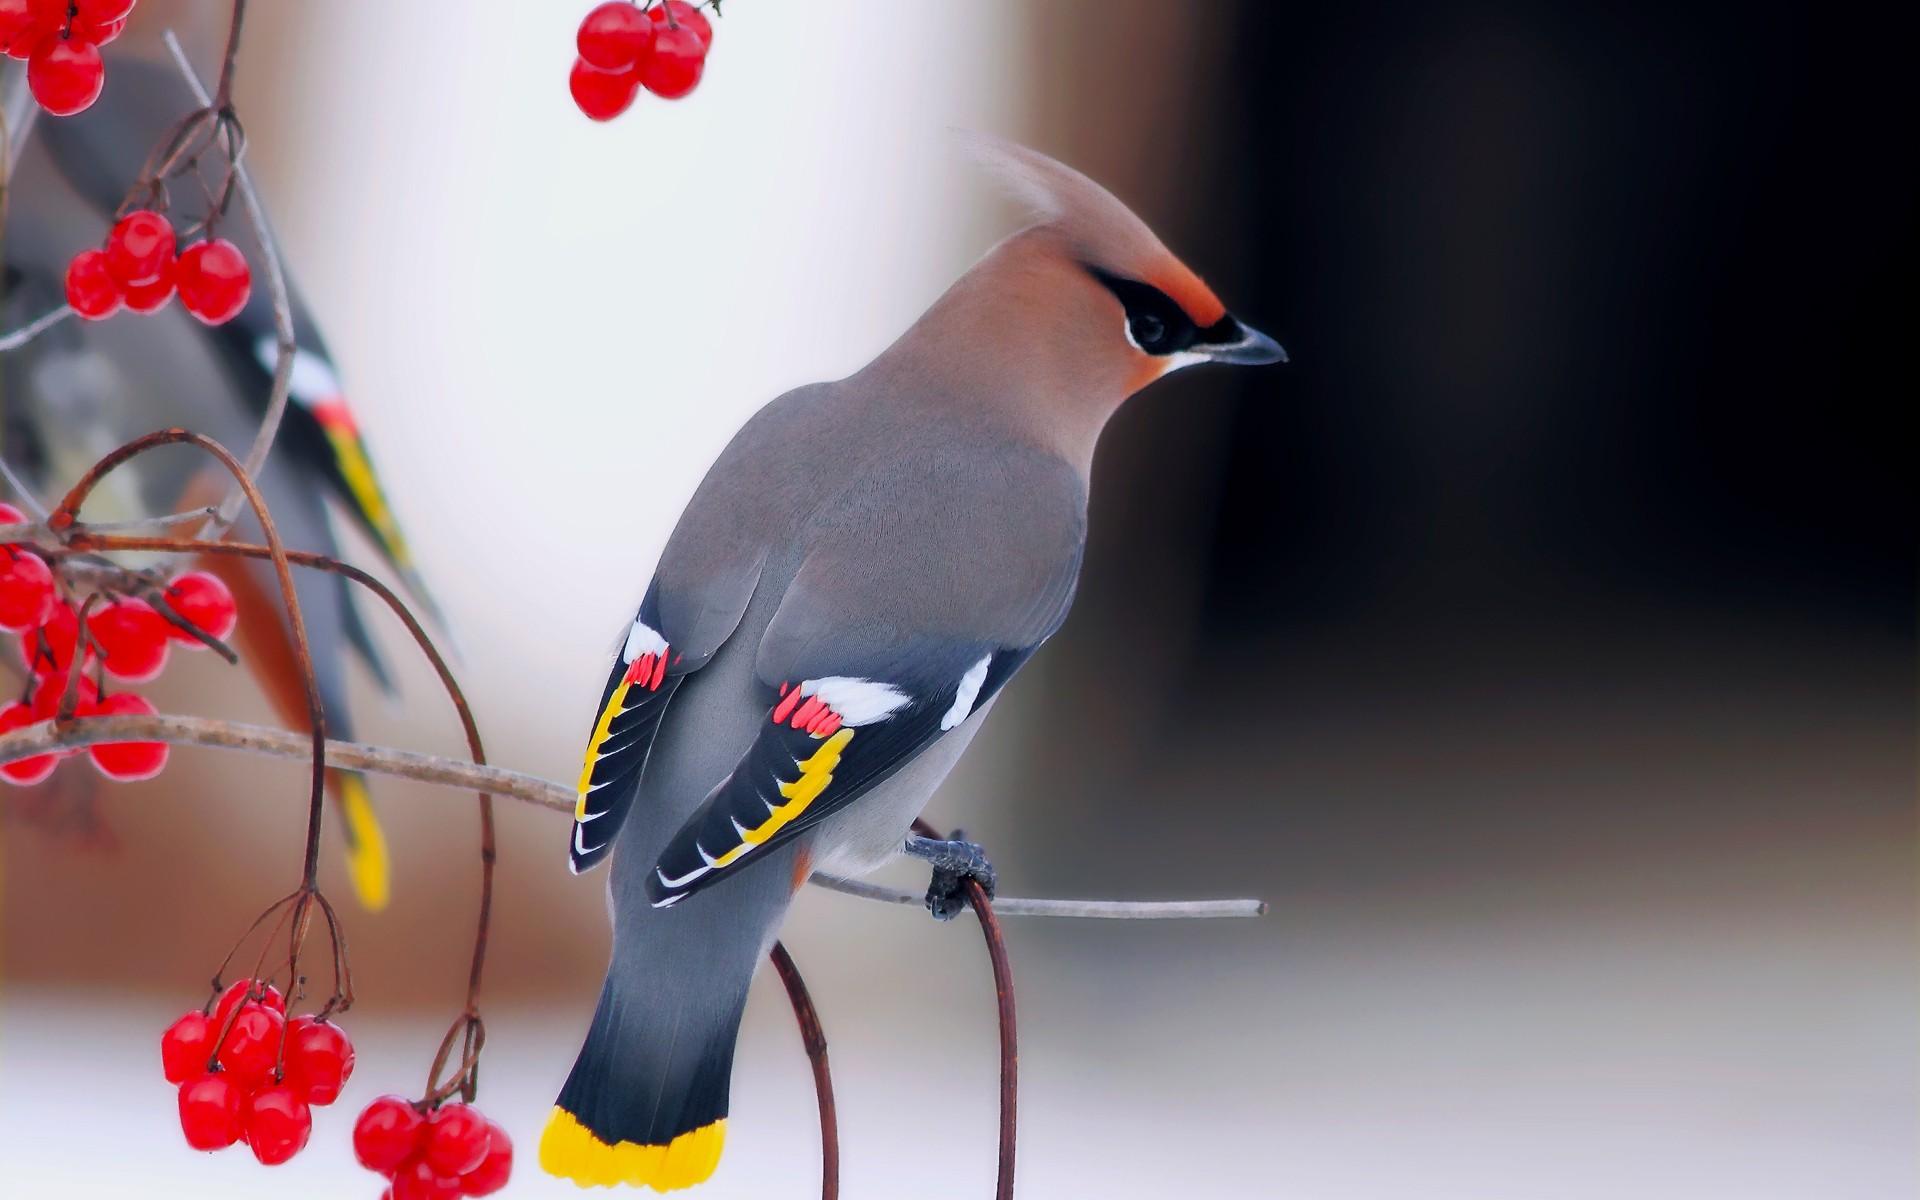 Una hermosa ave - 1920x1200